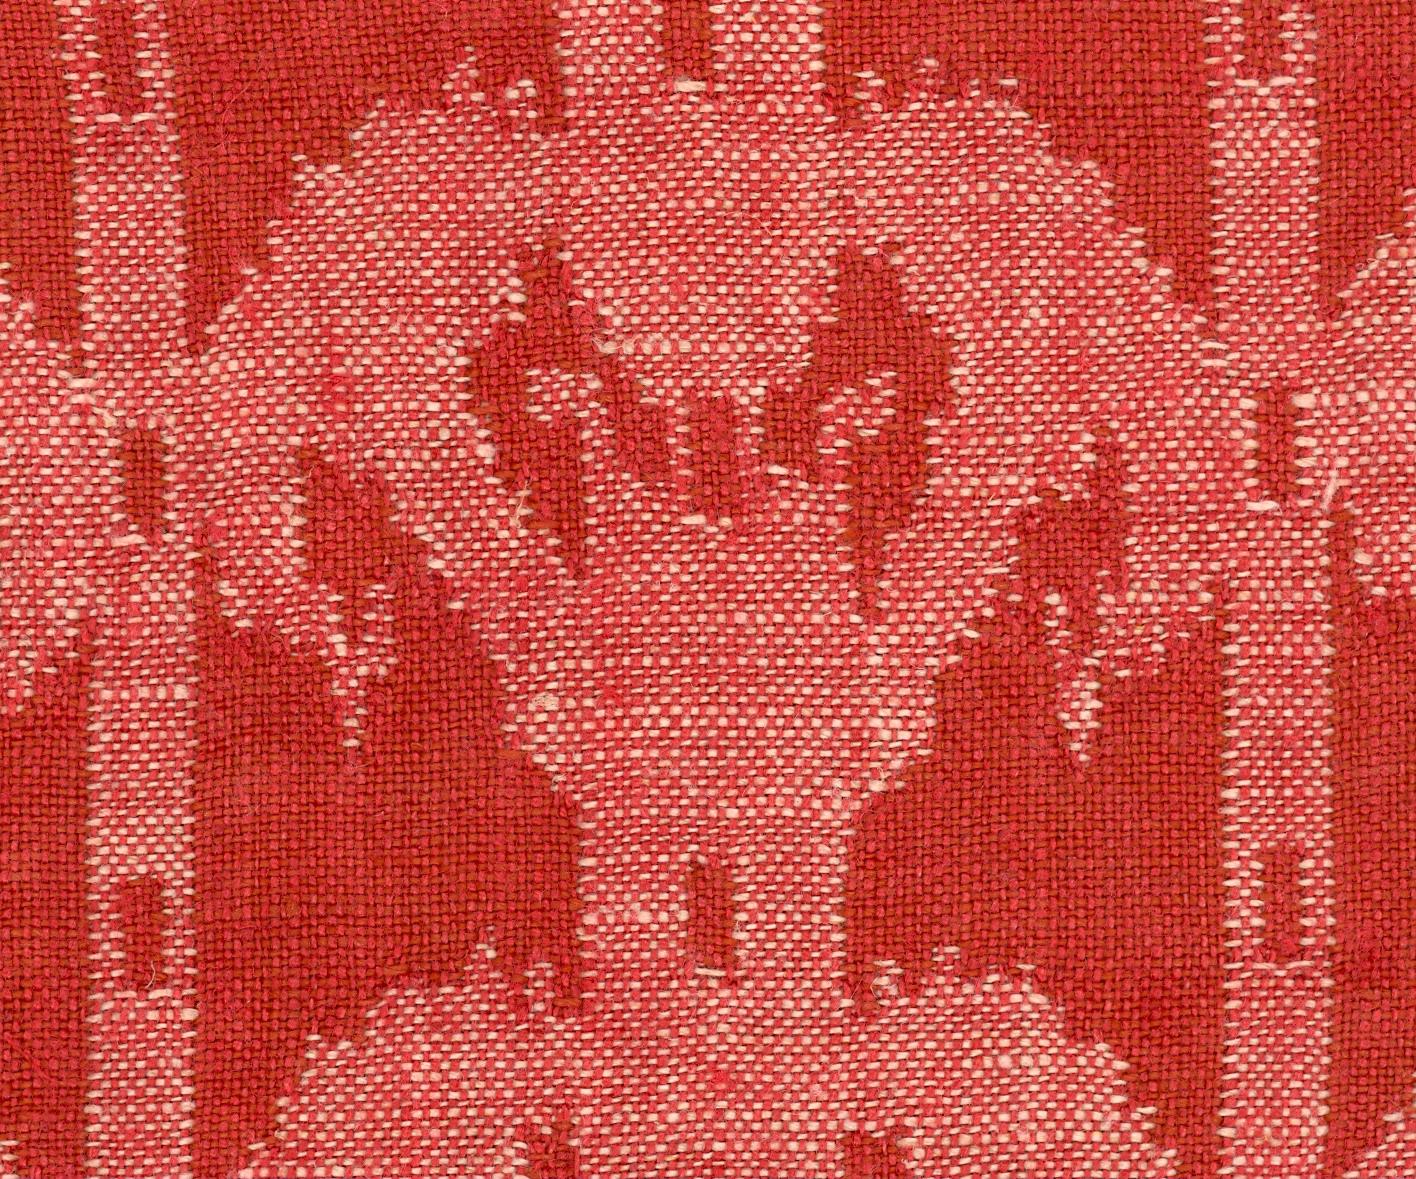 PIENZA PIPISTRELLO Brick-Red